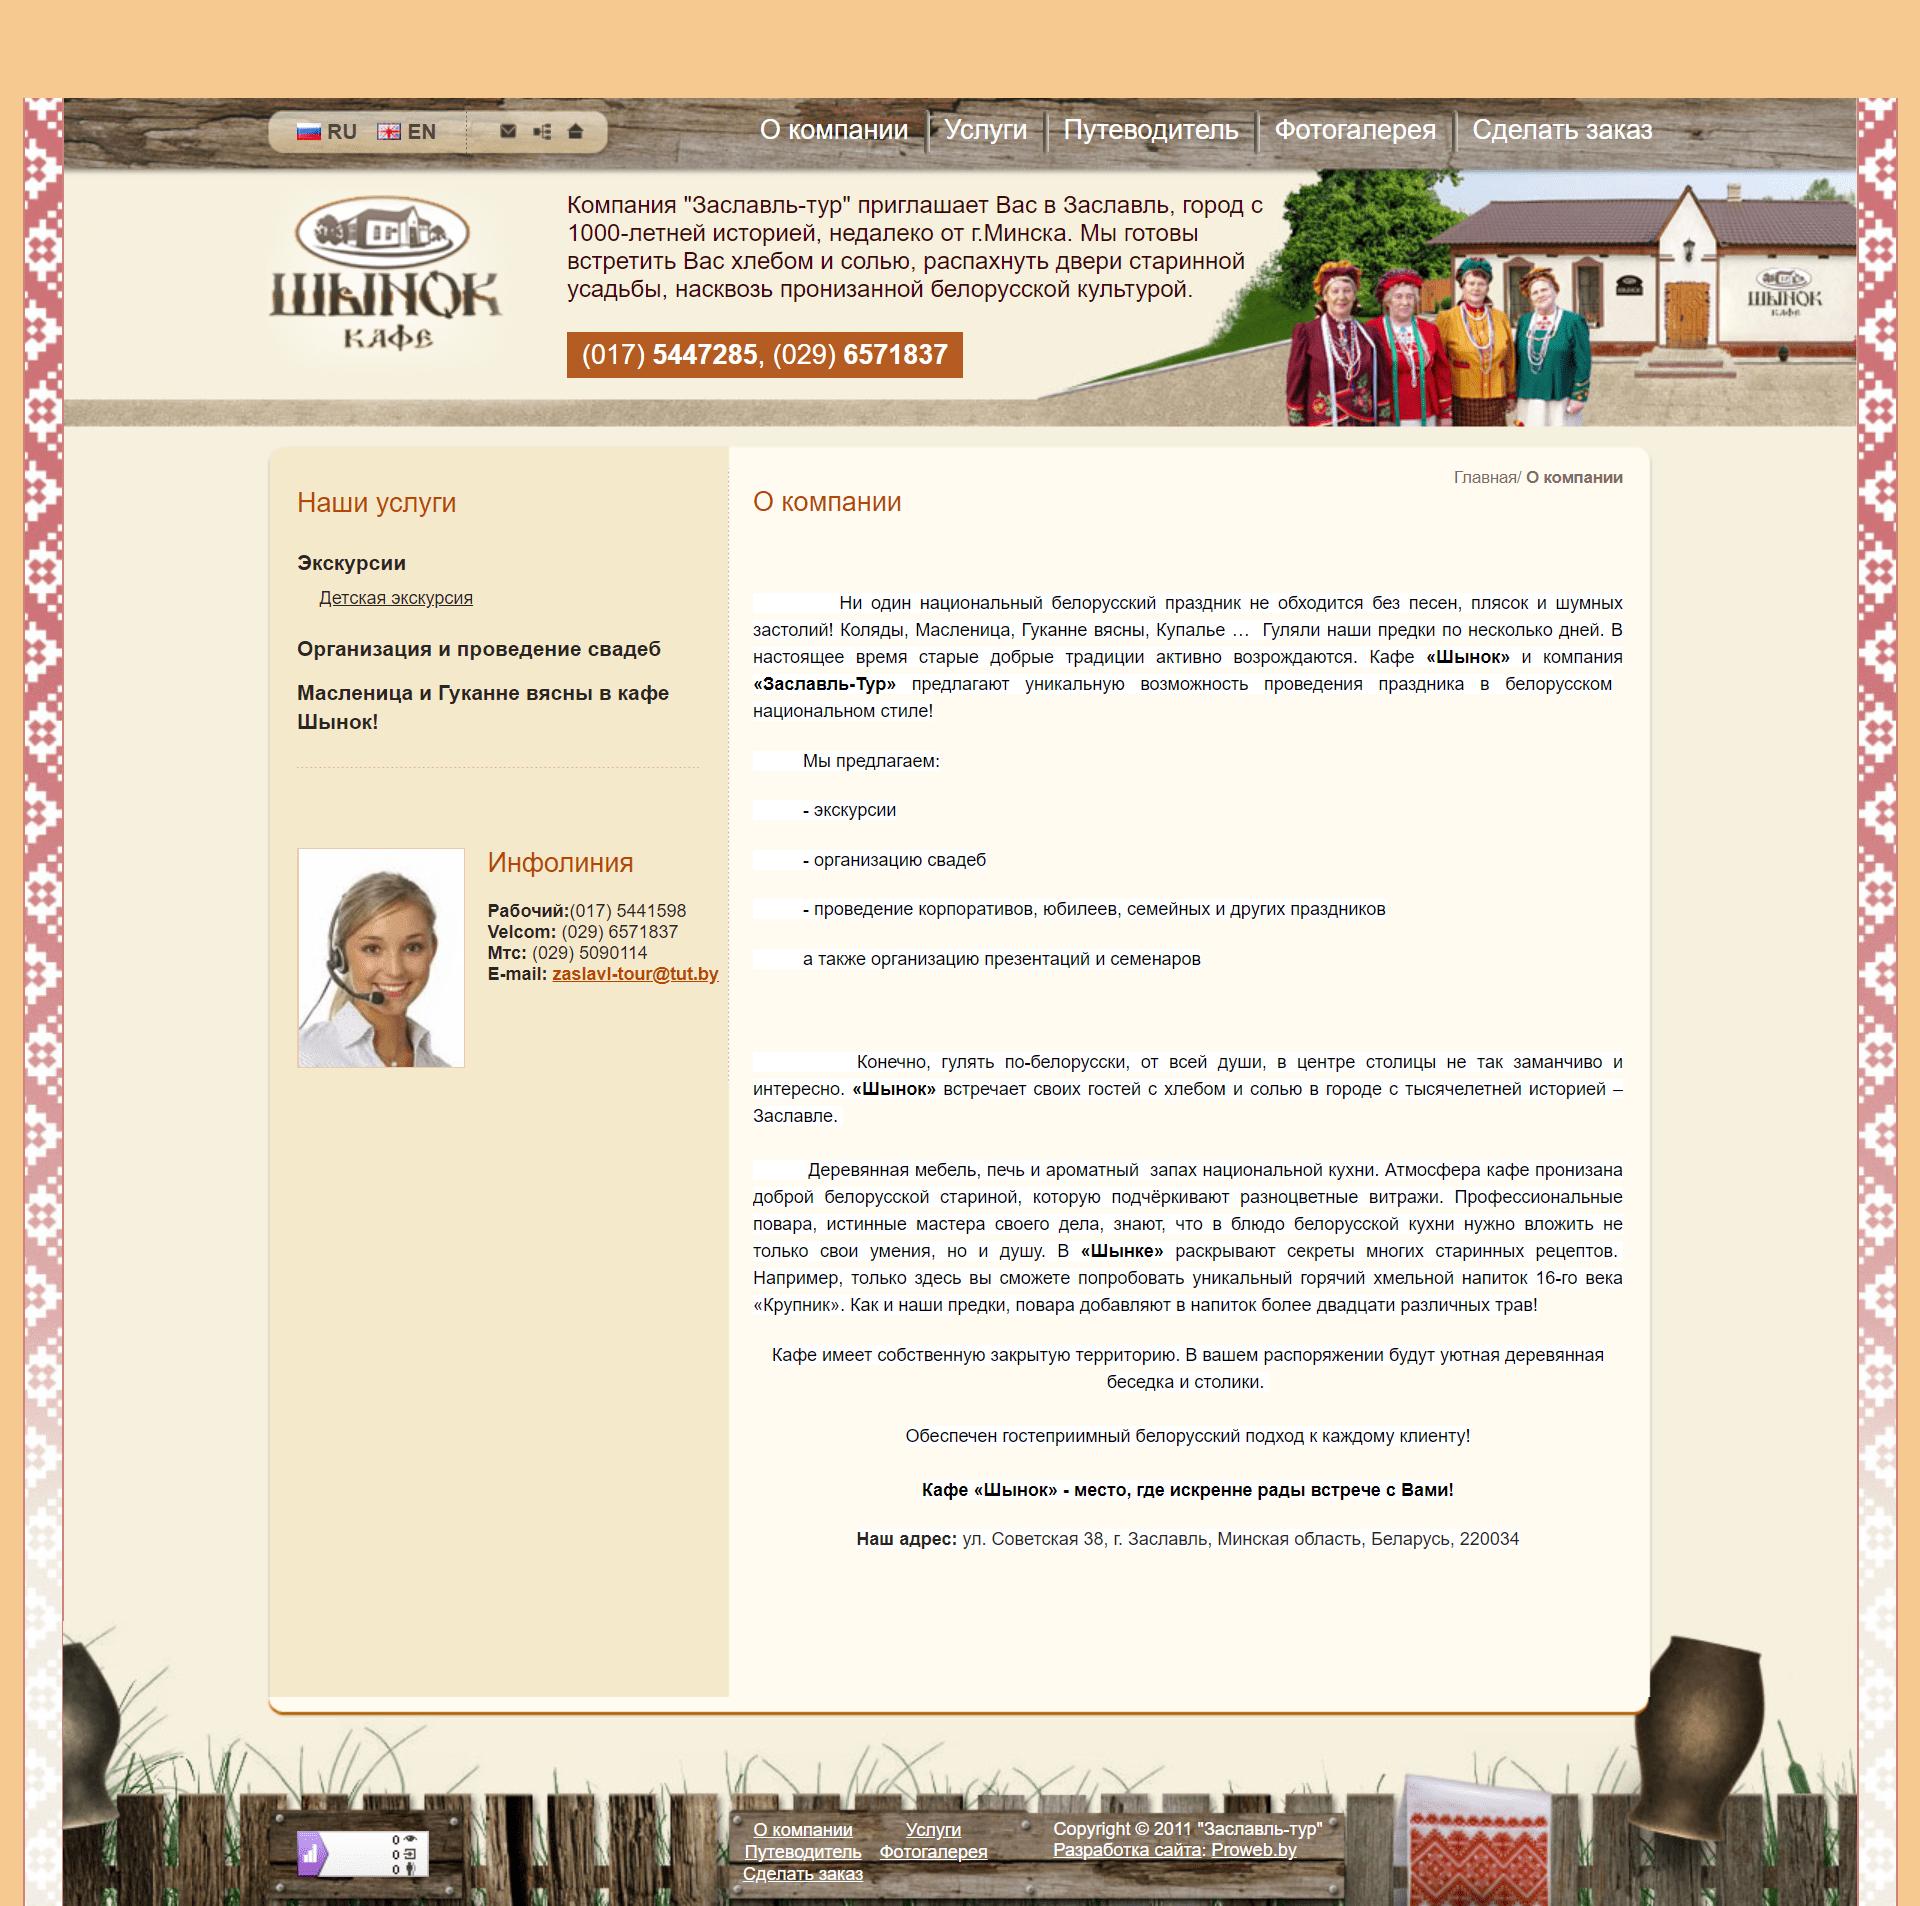 """Сайт кафе """"Шынок"""""""